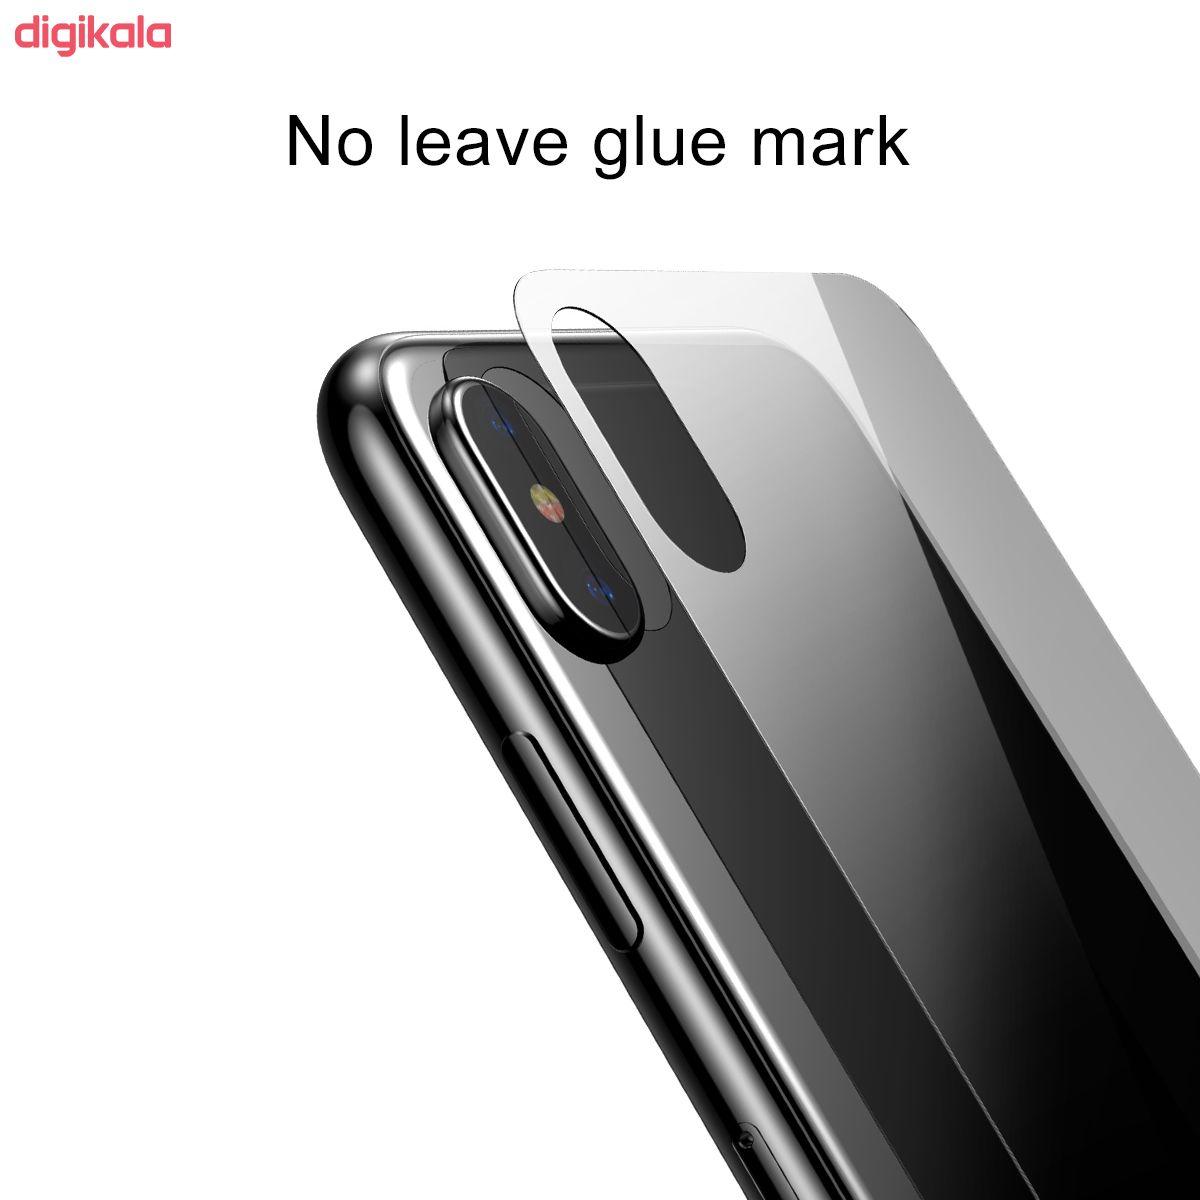 محافظ پشت گوشی باسئوس مدل SGAPIPH58-ABM02 مناسب برای گوشی موبایل اپل Iphone XS main 1 1